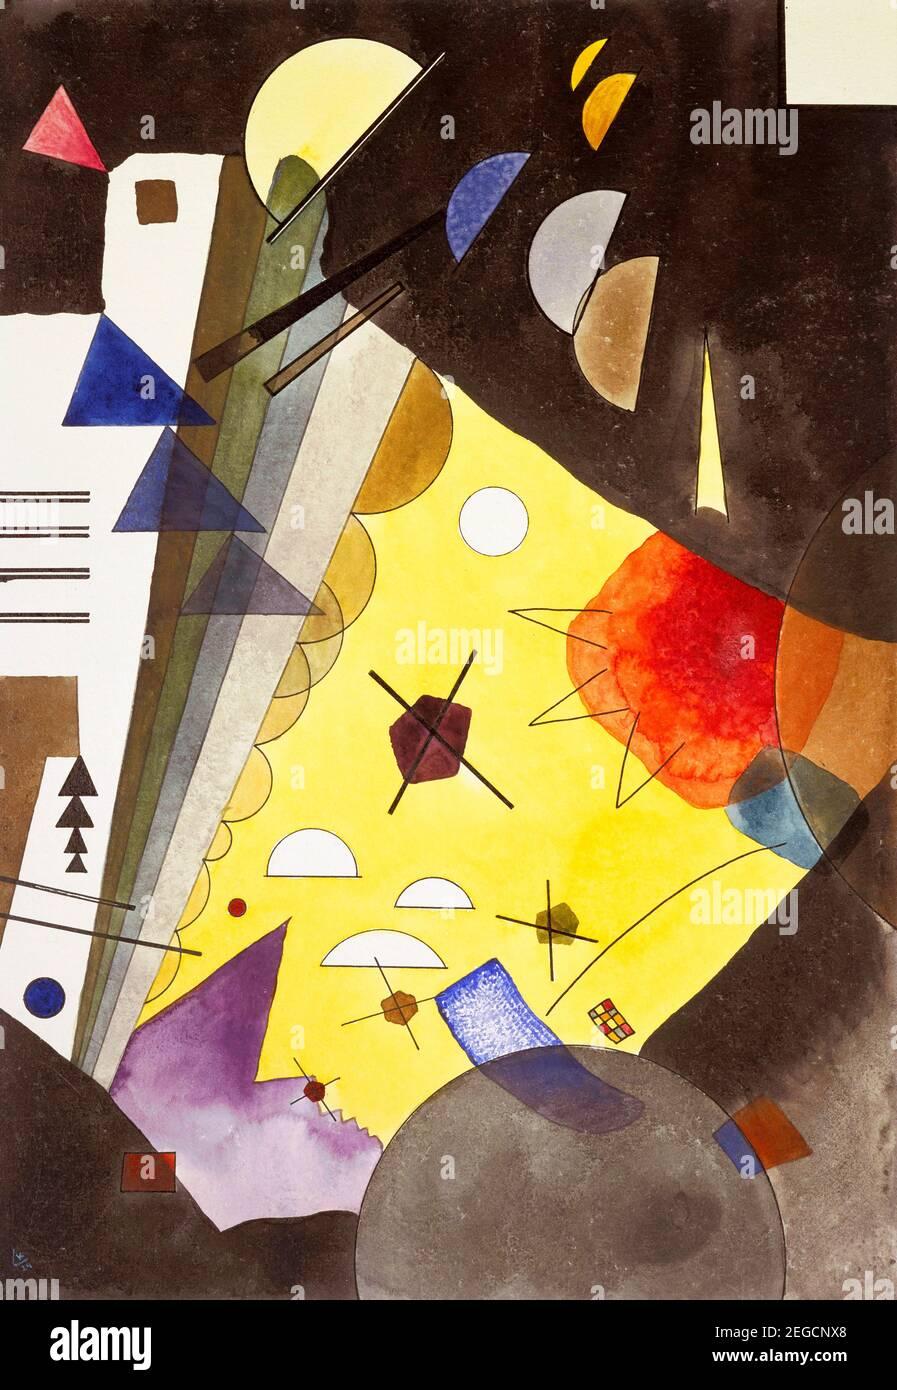 Peinture Kandinsky. 'Spannung nach oben' (tension en hauteur) par Wassily Kandinsky (1866-1944), graphite, encre et aquarelle sur papier, 1924 Banque D'Images